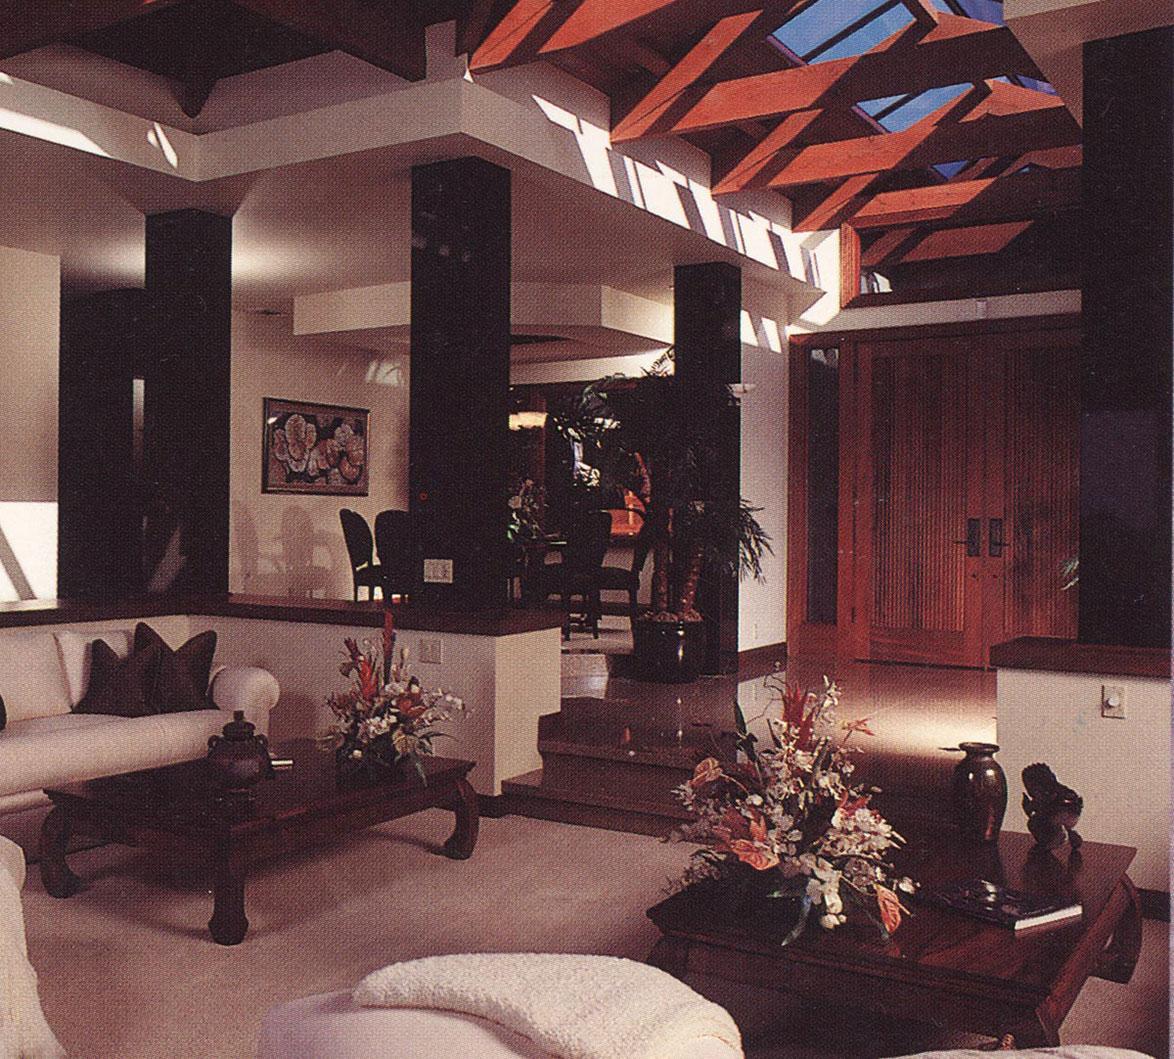 Mauna Lani Room Design Final, Gayle Lee Design